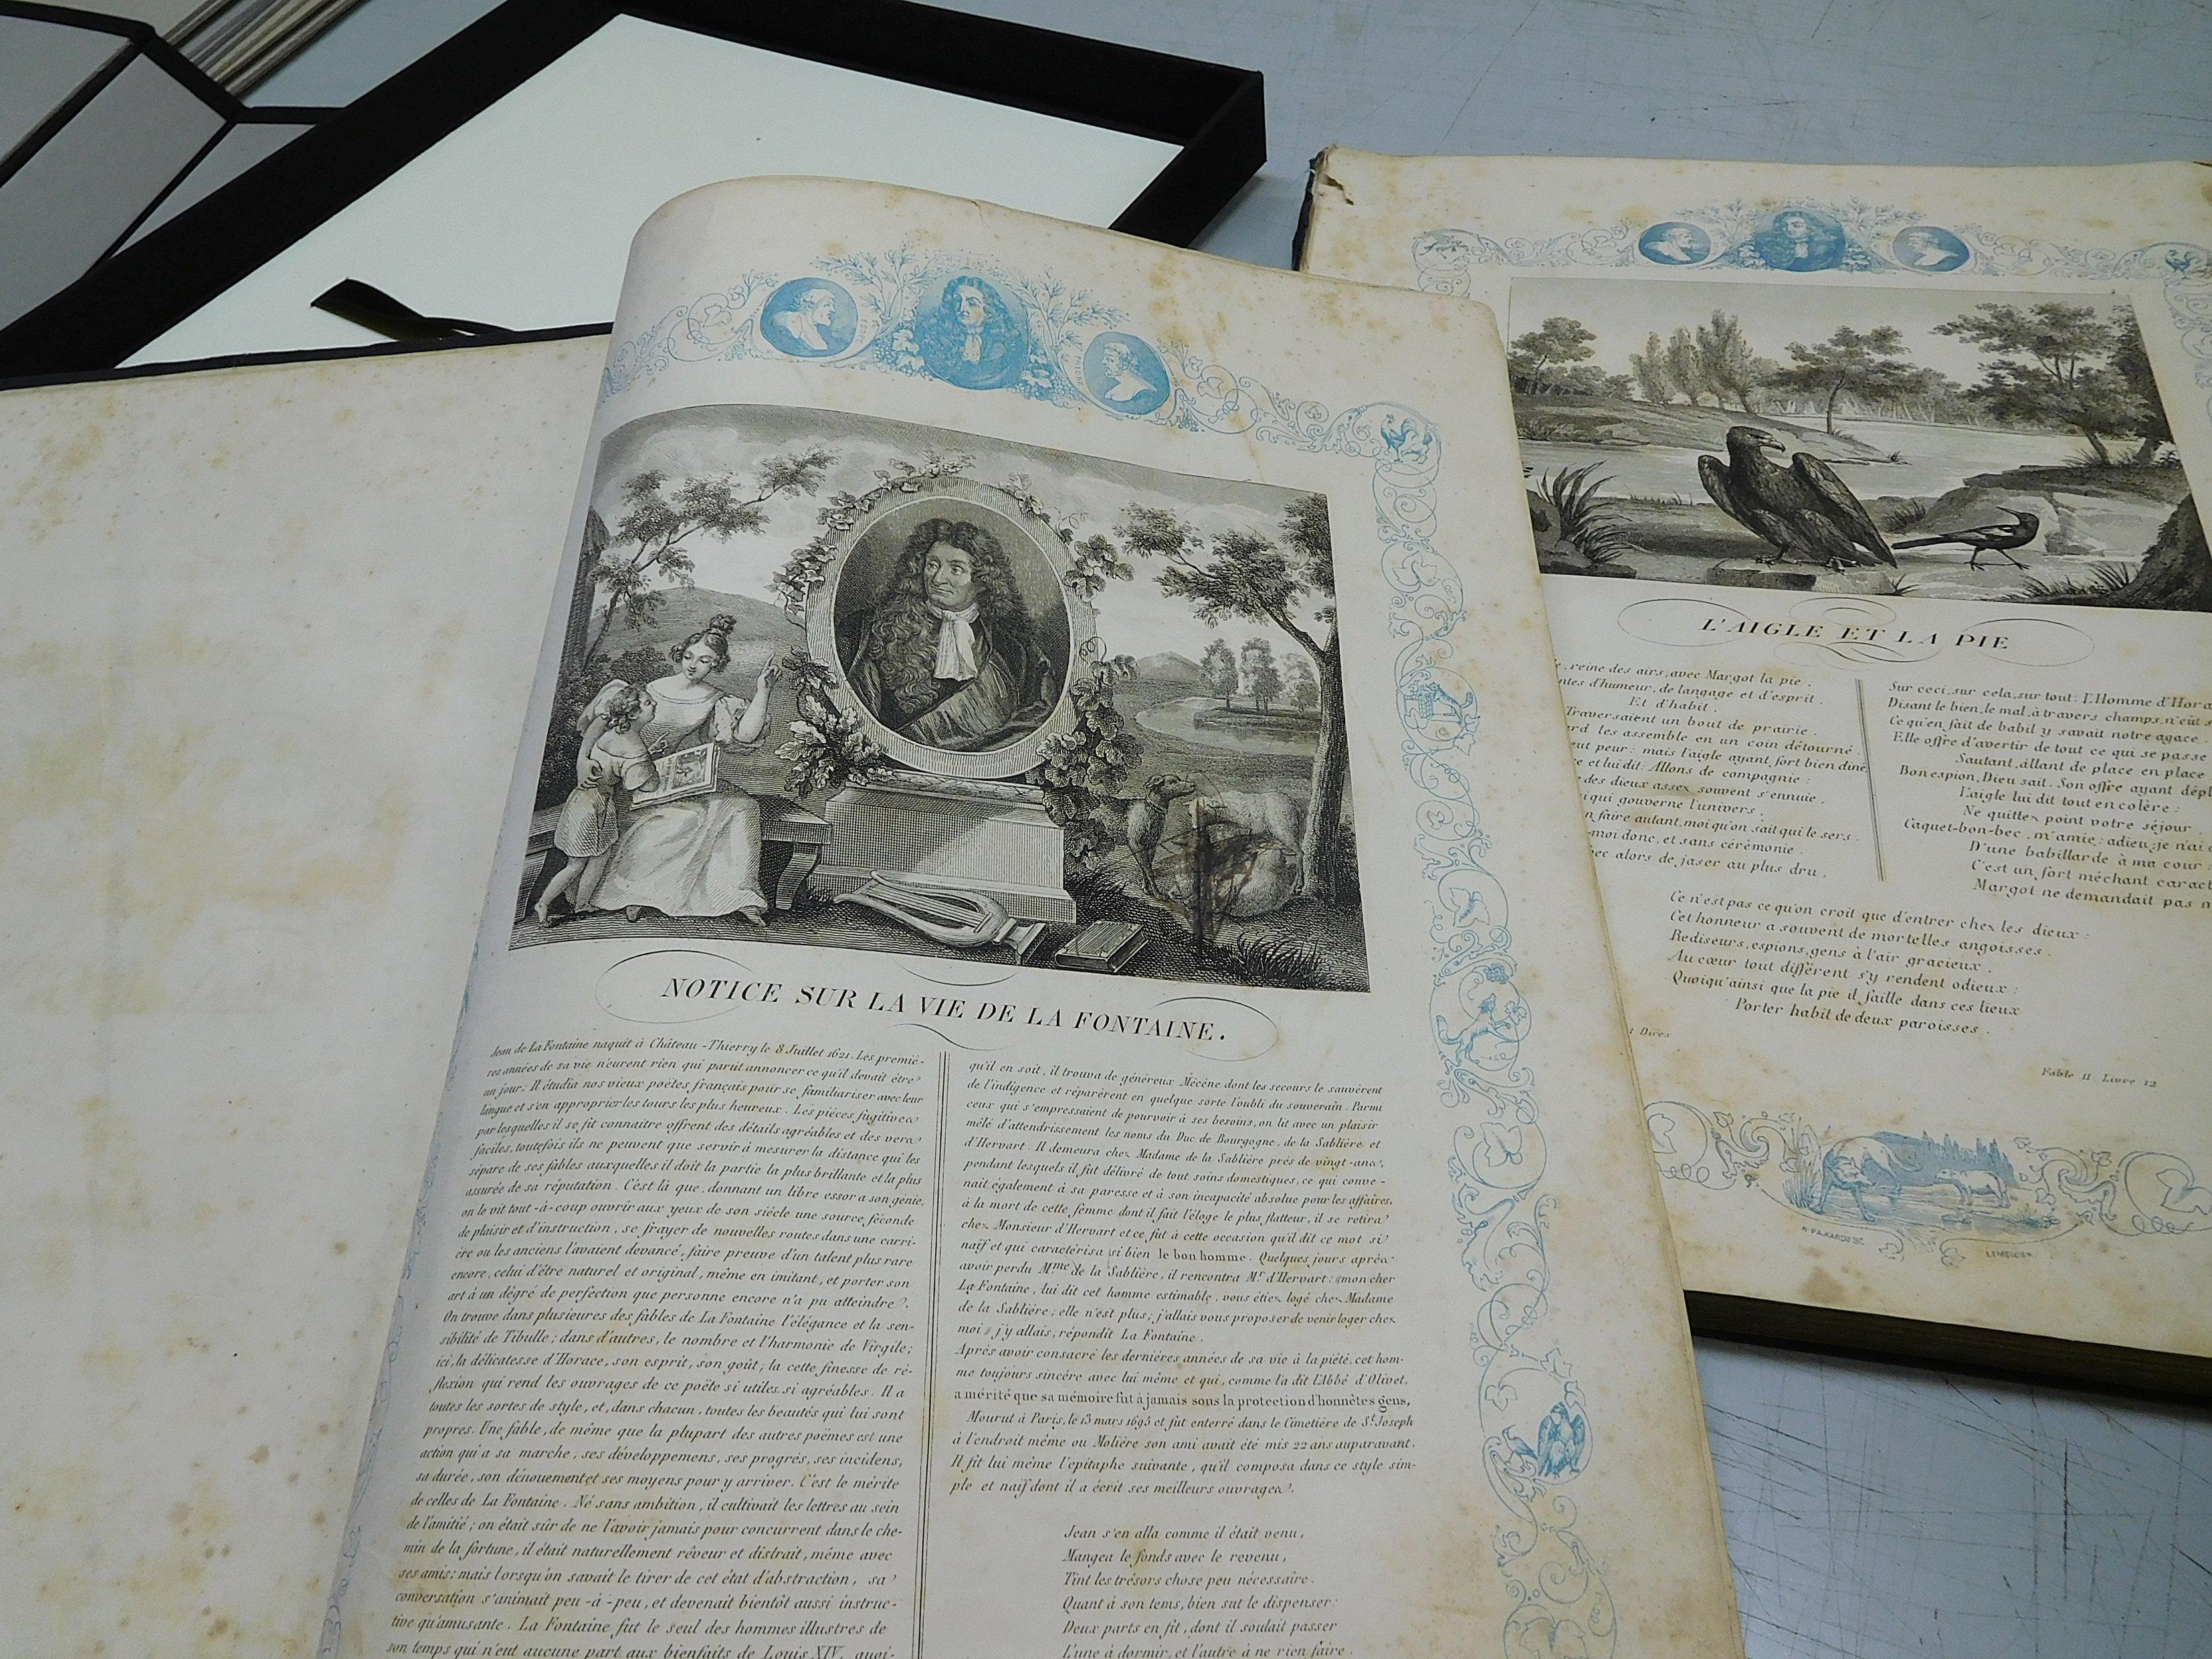 libro antico restaurato aperto, vista pagina con scritte nere molto eleganti